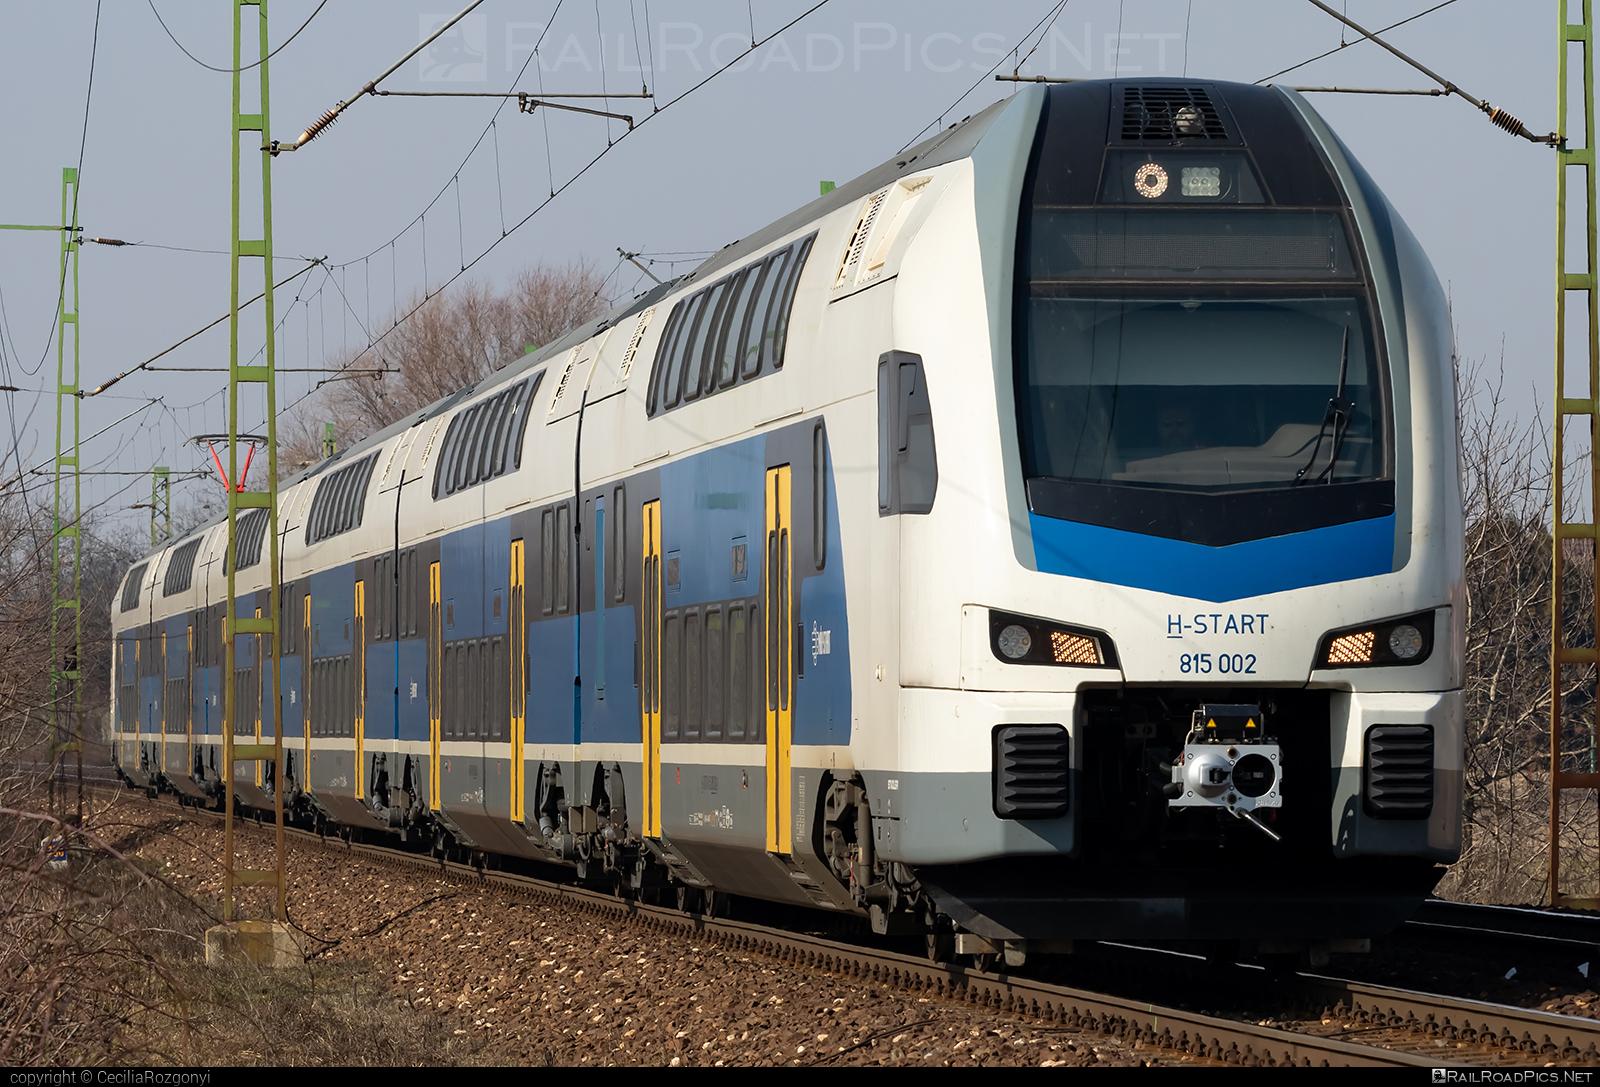 Stadler KISS - 815 002 operated by MÁV-START ZRt. #mav #mavstart #mavstartzrt #stadler #stadlerkiss #stadlerrail #stadlerrailag